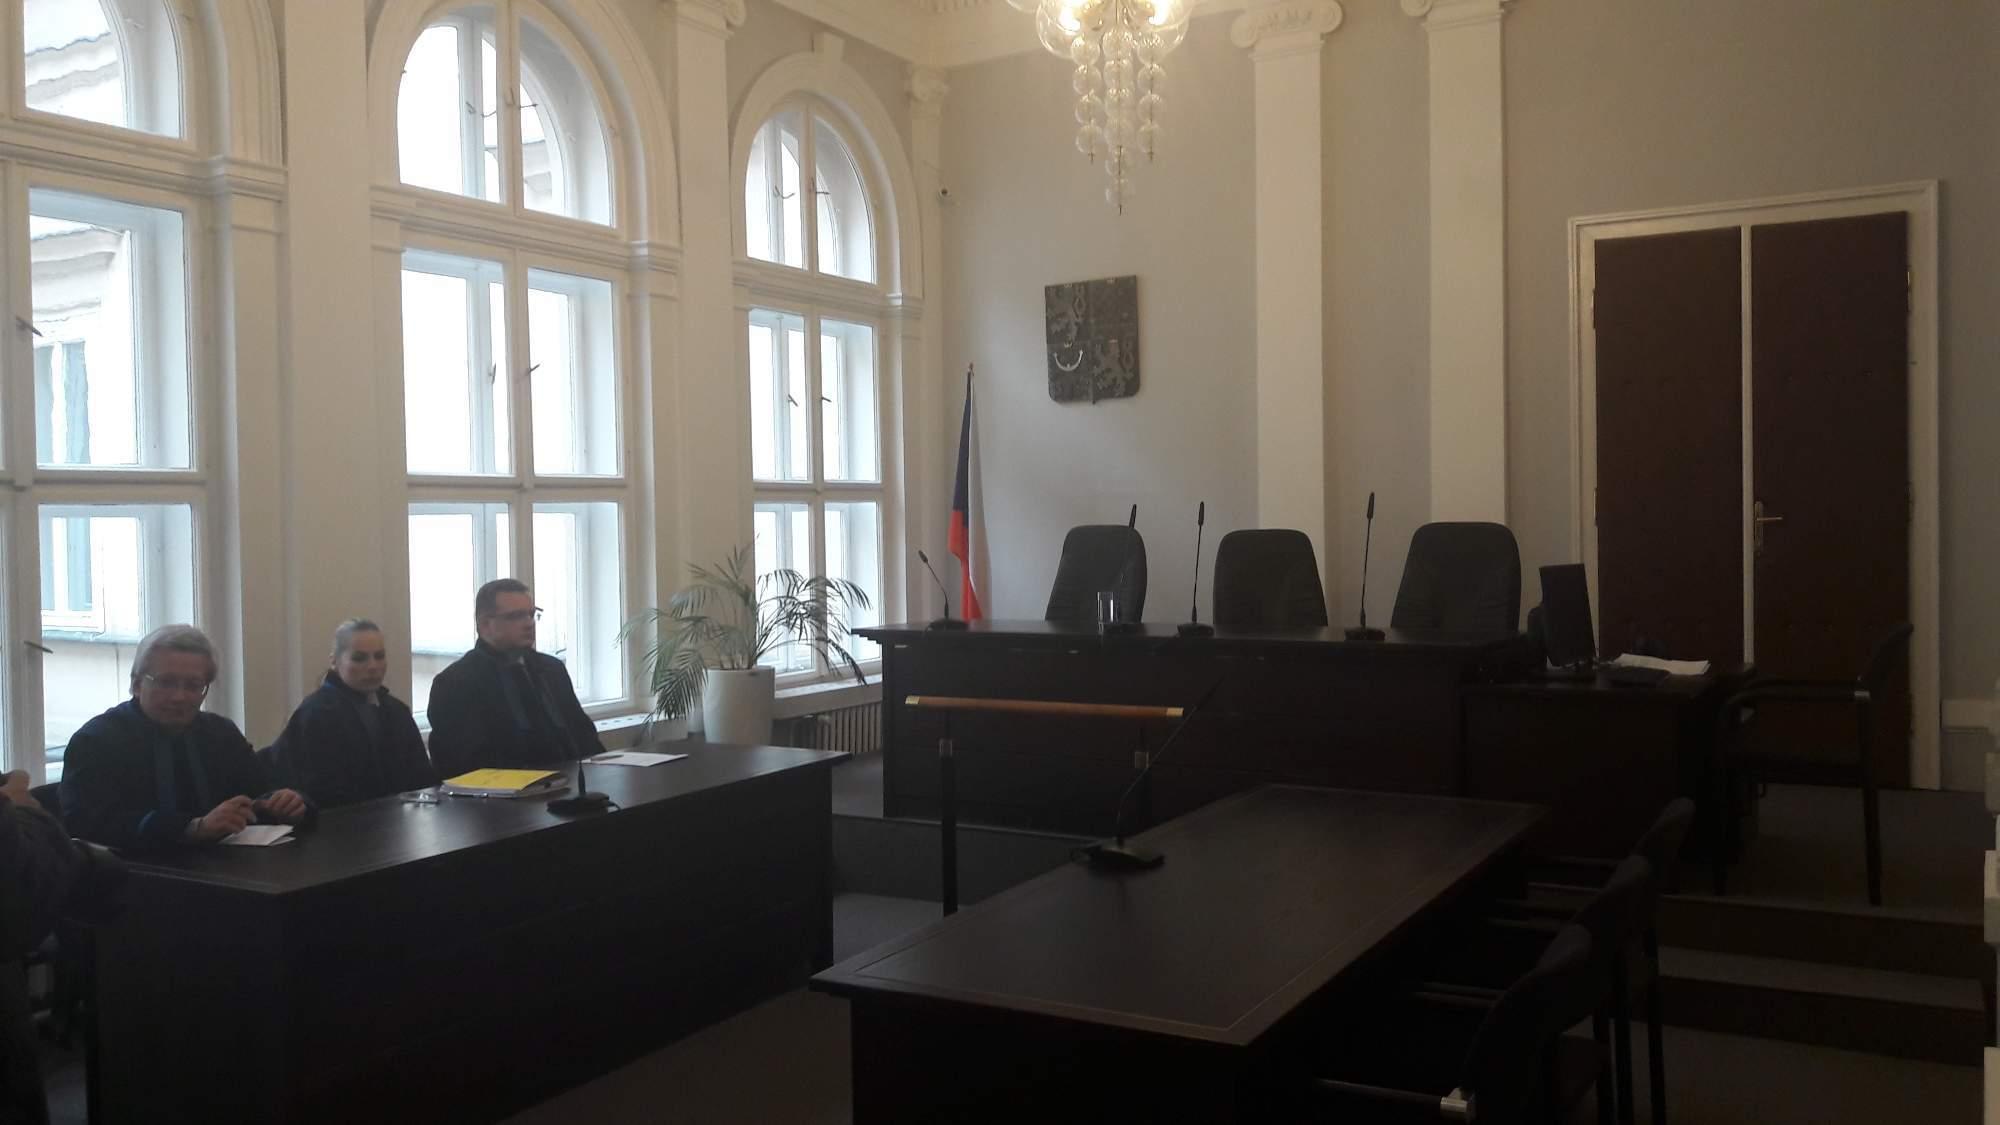 Advokáti obžalovaných čekají na verdikt Ústavního soudu. / Autor: Tereza Hálová